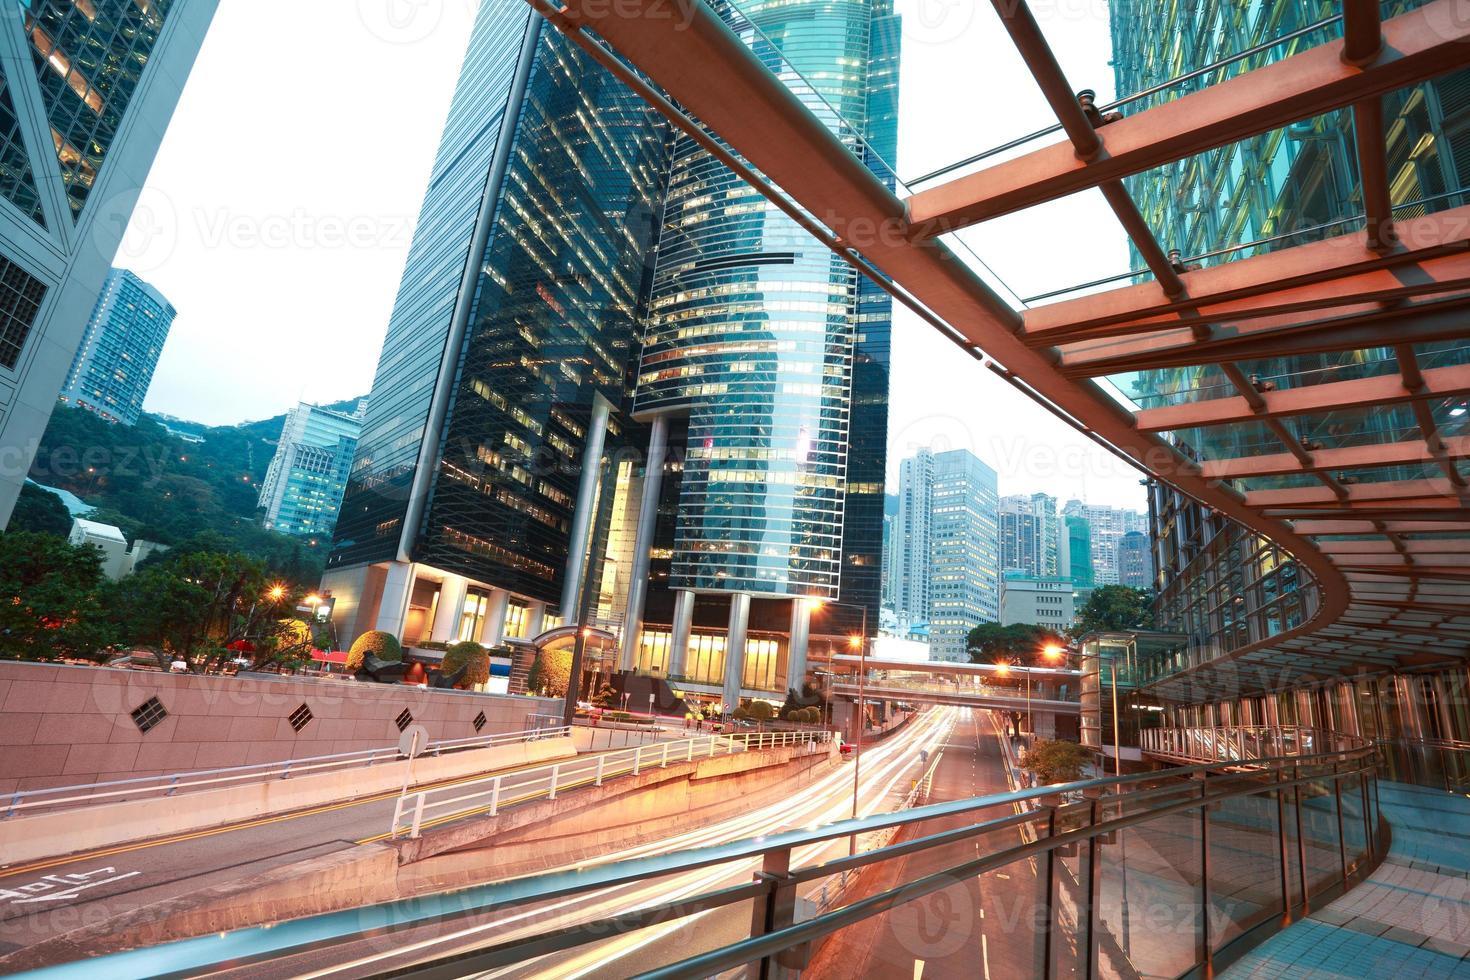 Hong Kong de trilhas leves de estrada em edifícios de paisagem urbana em foto